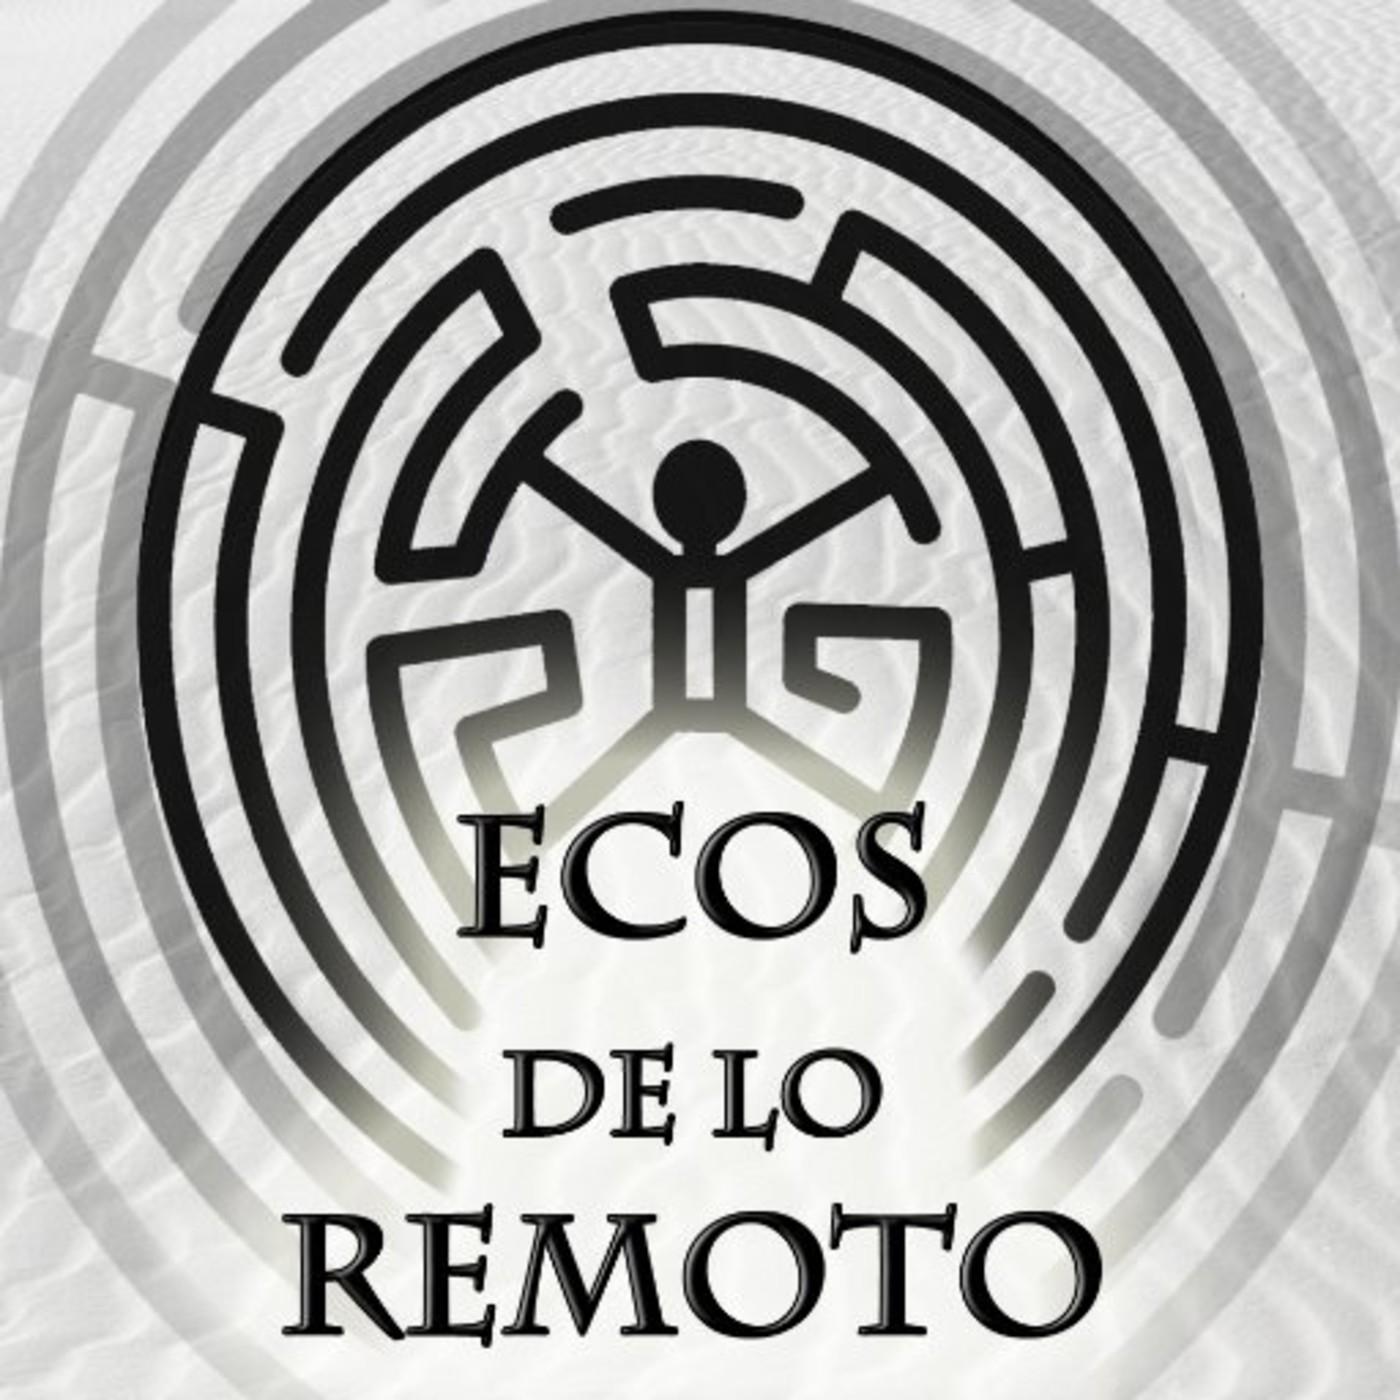 Logo de Ecos de lo remoto